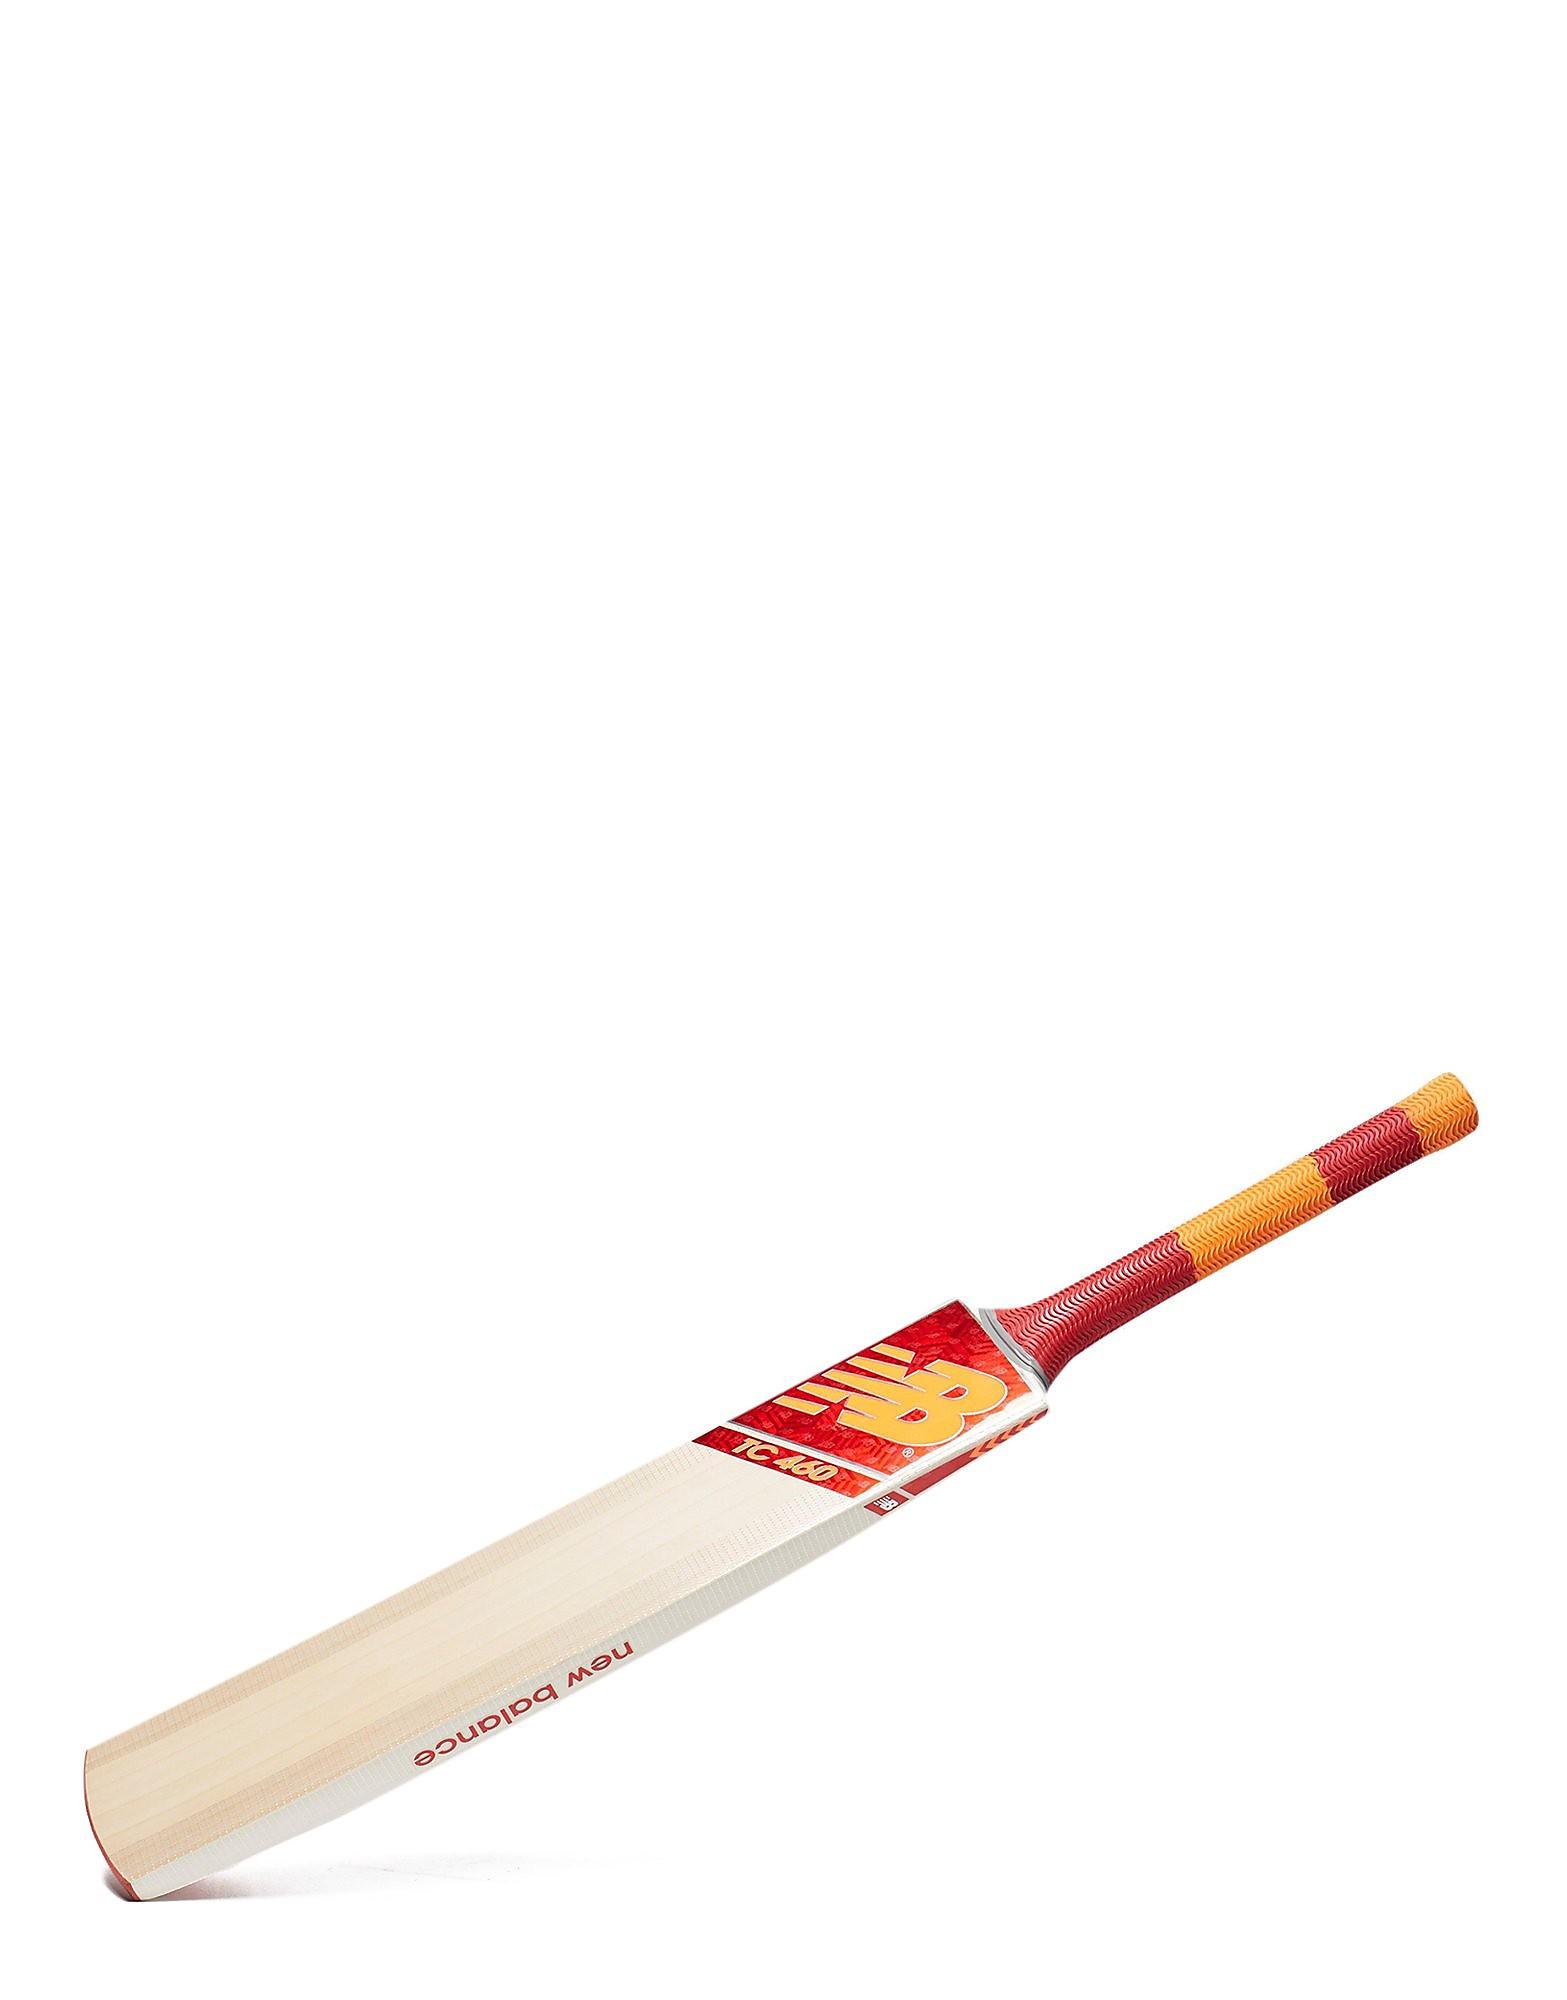 New Balance TC 460 Junior Cricket Bat